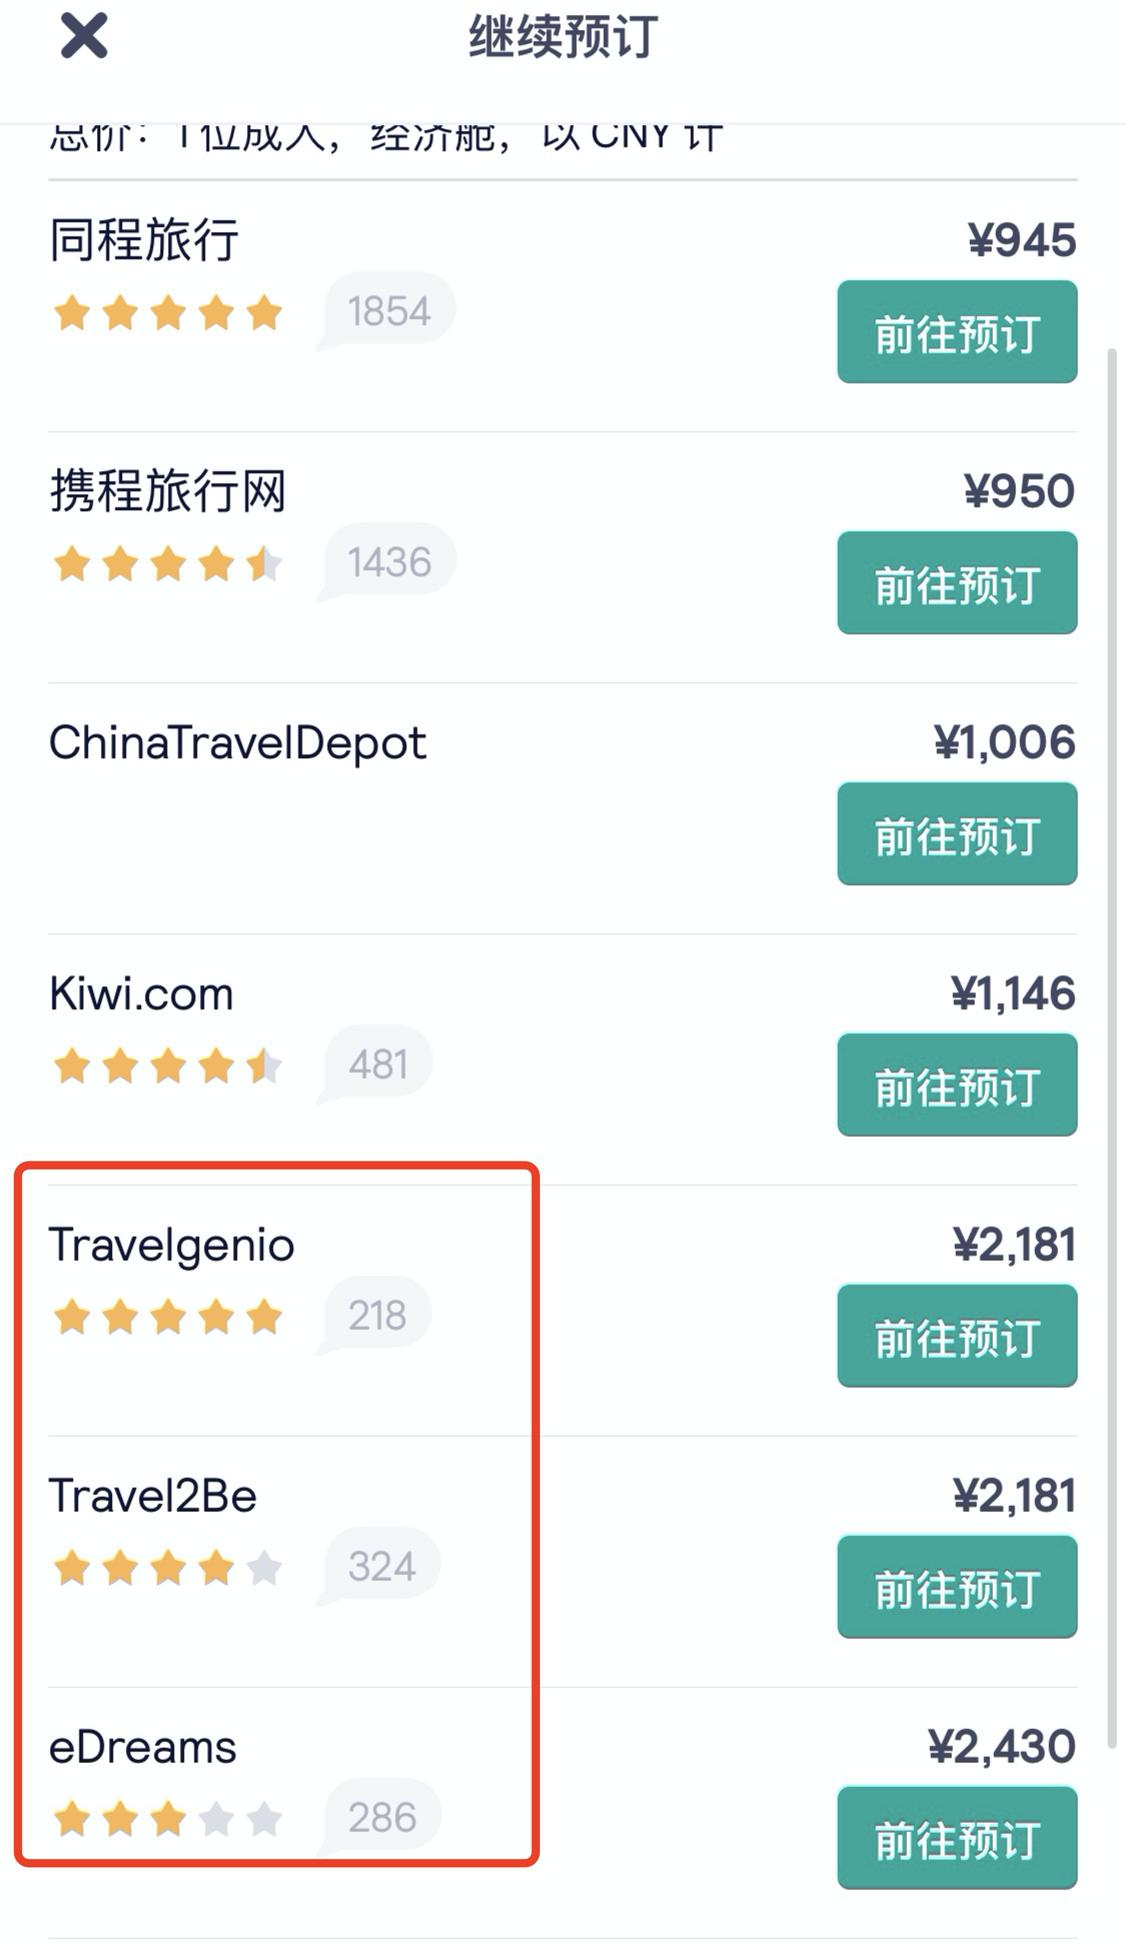 """圈内人一般在机票搜索引擎""""iGOla骑鹅旅行""""或机票比价搜索引擎""""Skyscanner天巡""""上跳转到""""Travelgenio、eDreams、Travel2be""""等境外旅游产品服务商上订票。"""